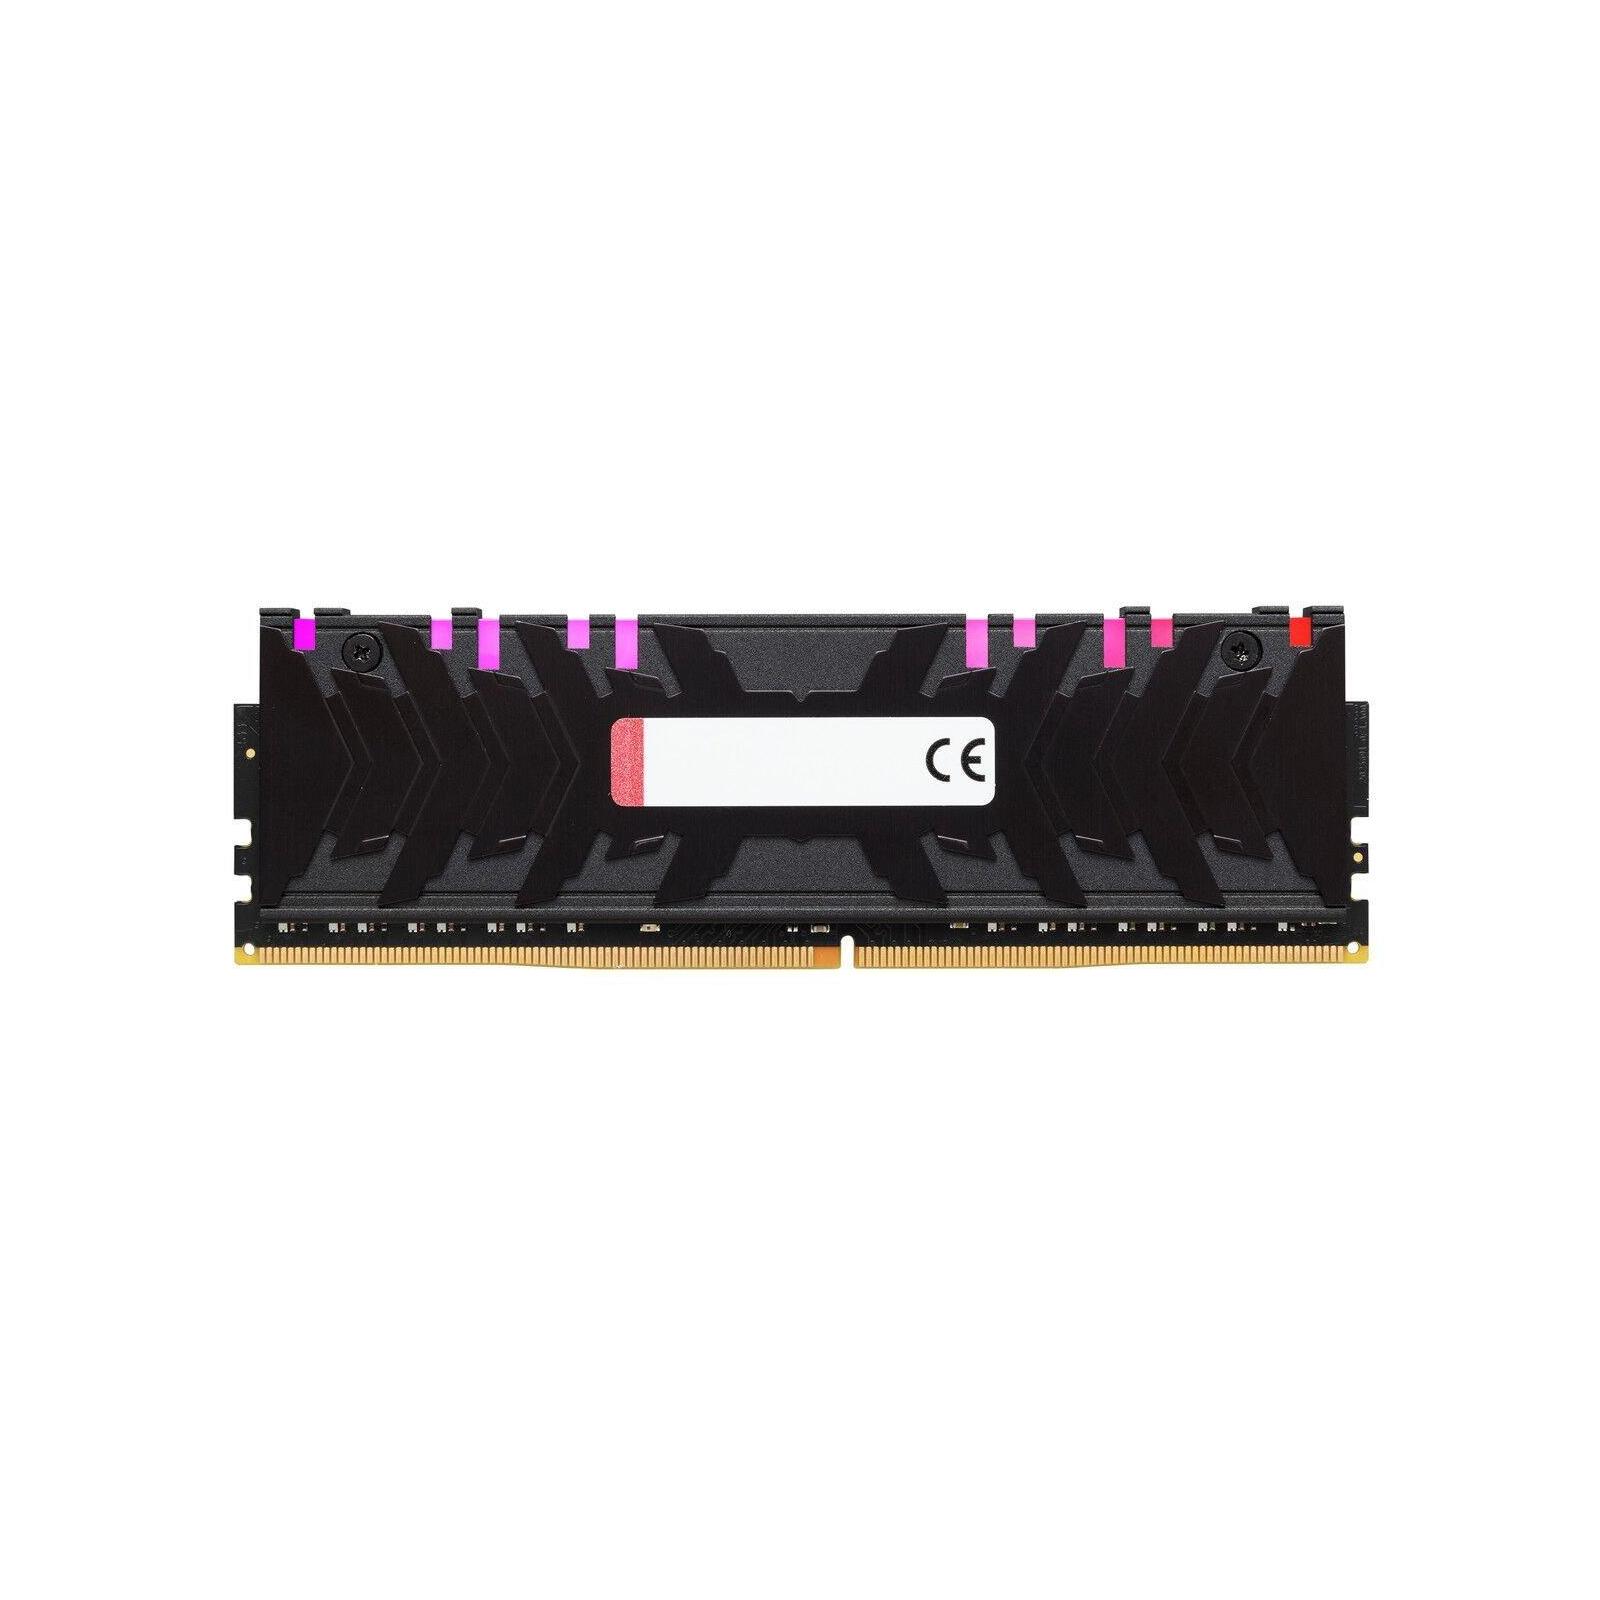 Модуль памяти для компьютера DDR4 16GB (2x8GB) 3000 MHz HyperX Predator Kingston (HX430C15PB3AK2/16) изображение 3